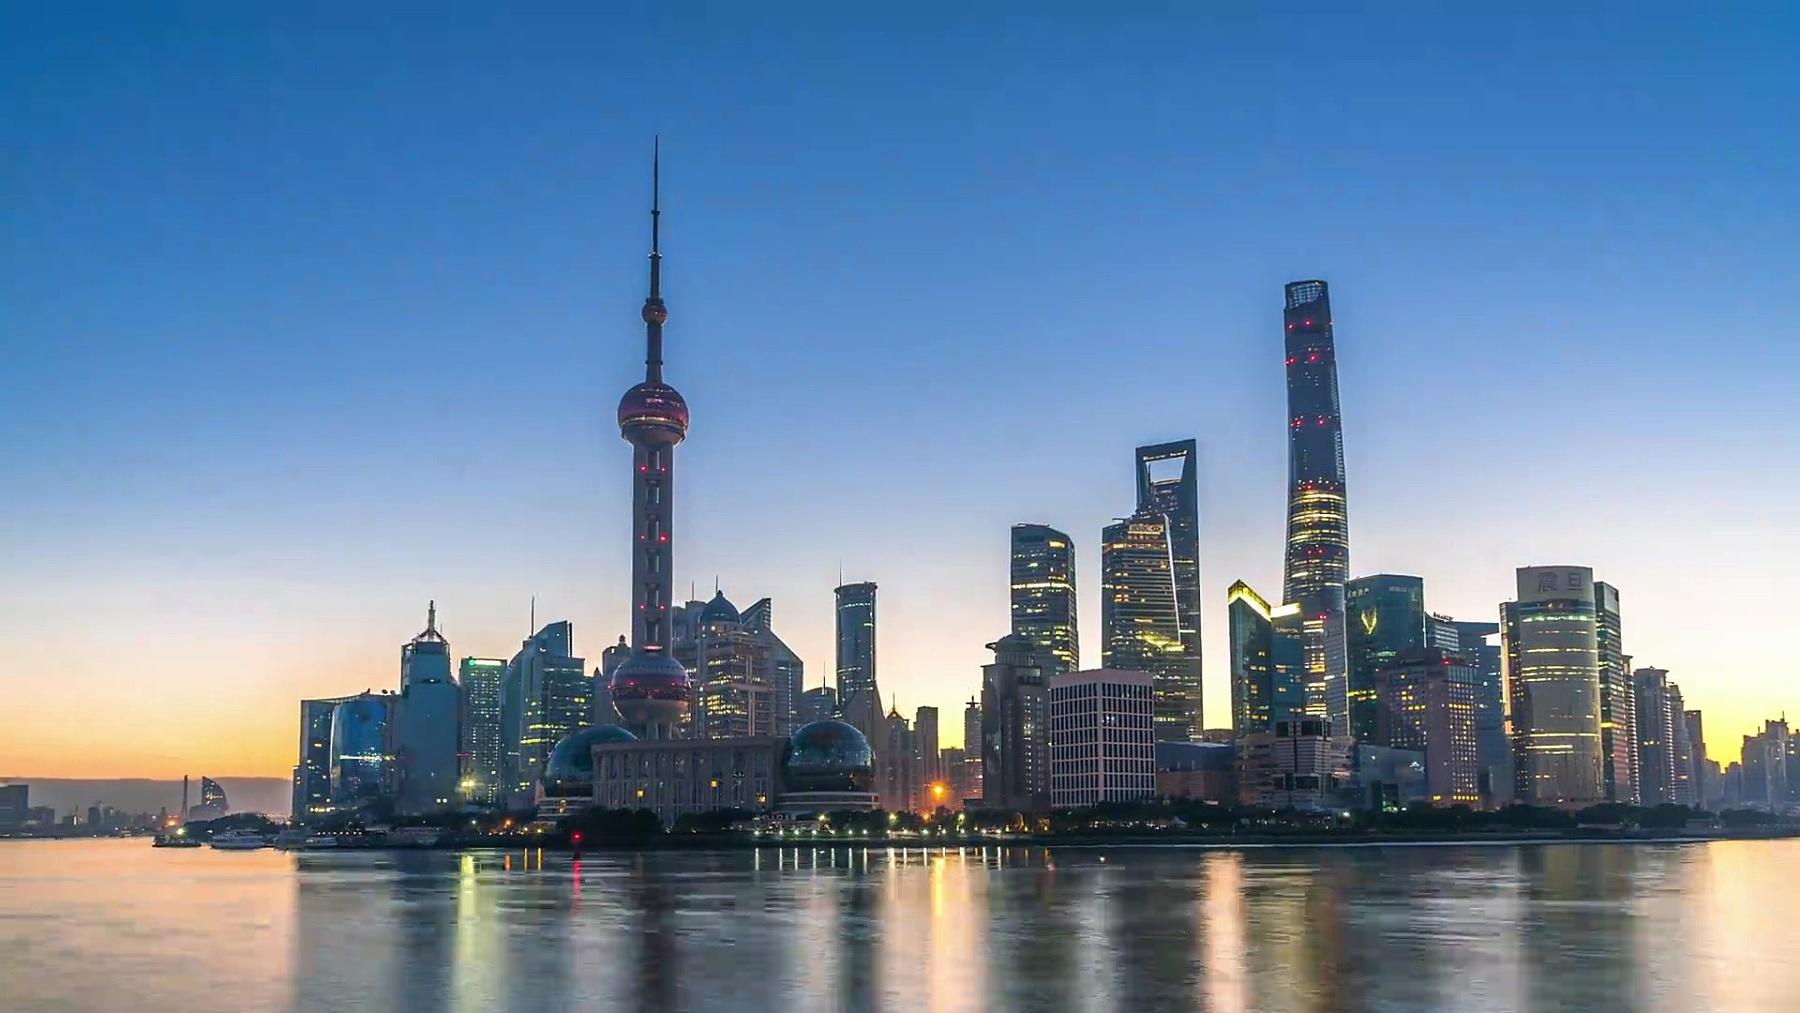 地标东方明珠大厦和上海日出的现代建筑。时间间隔超长